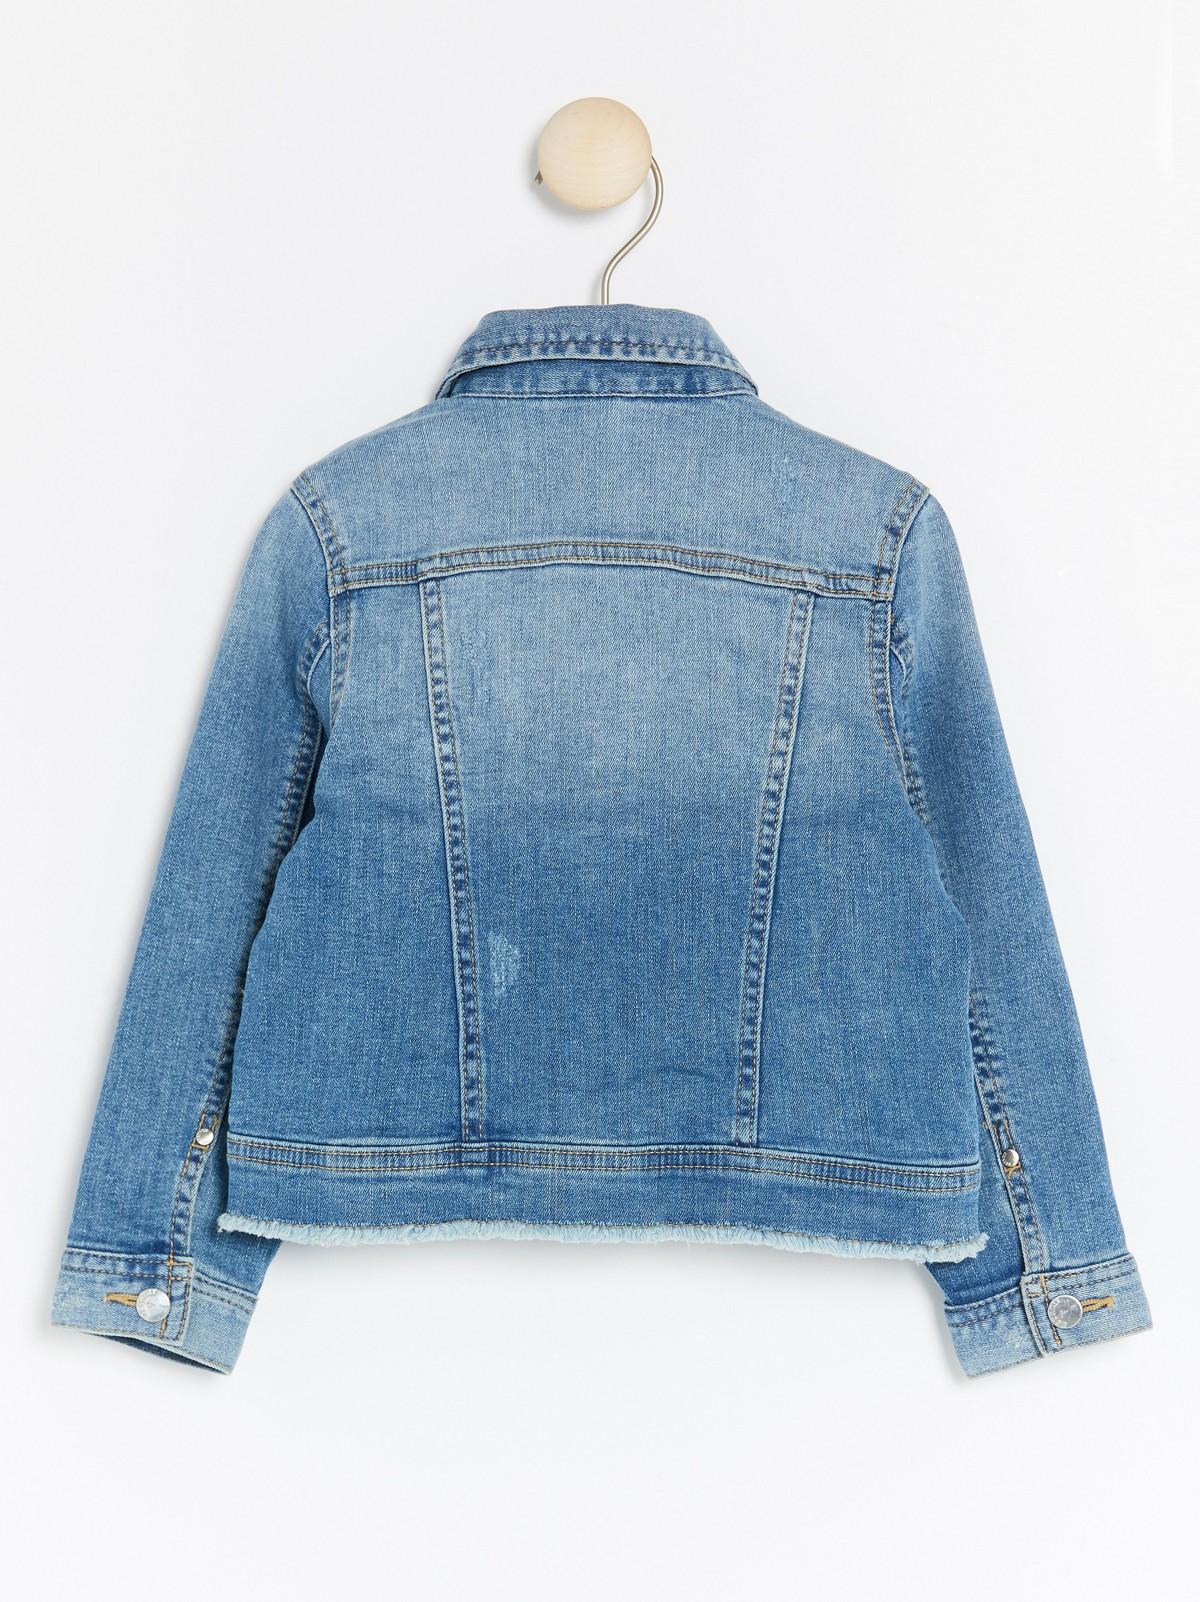 Jeansjakke med perler | Lindex